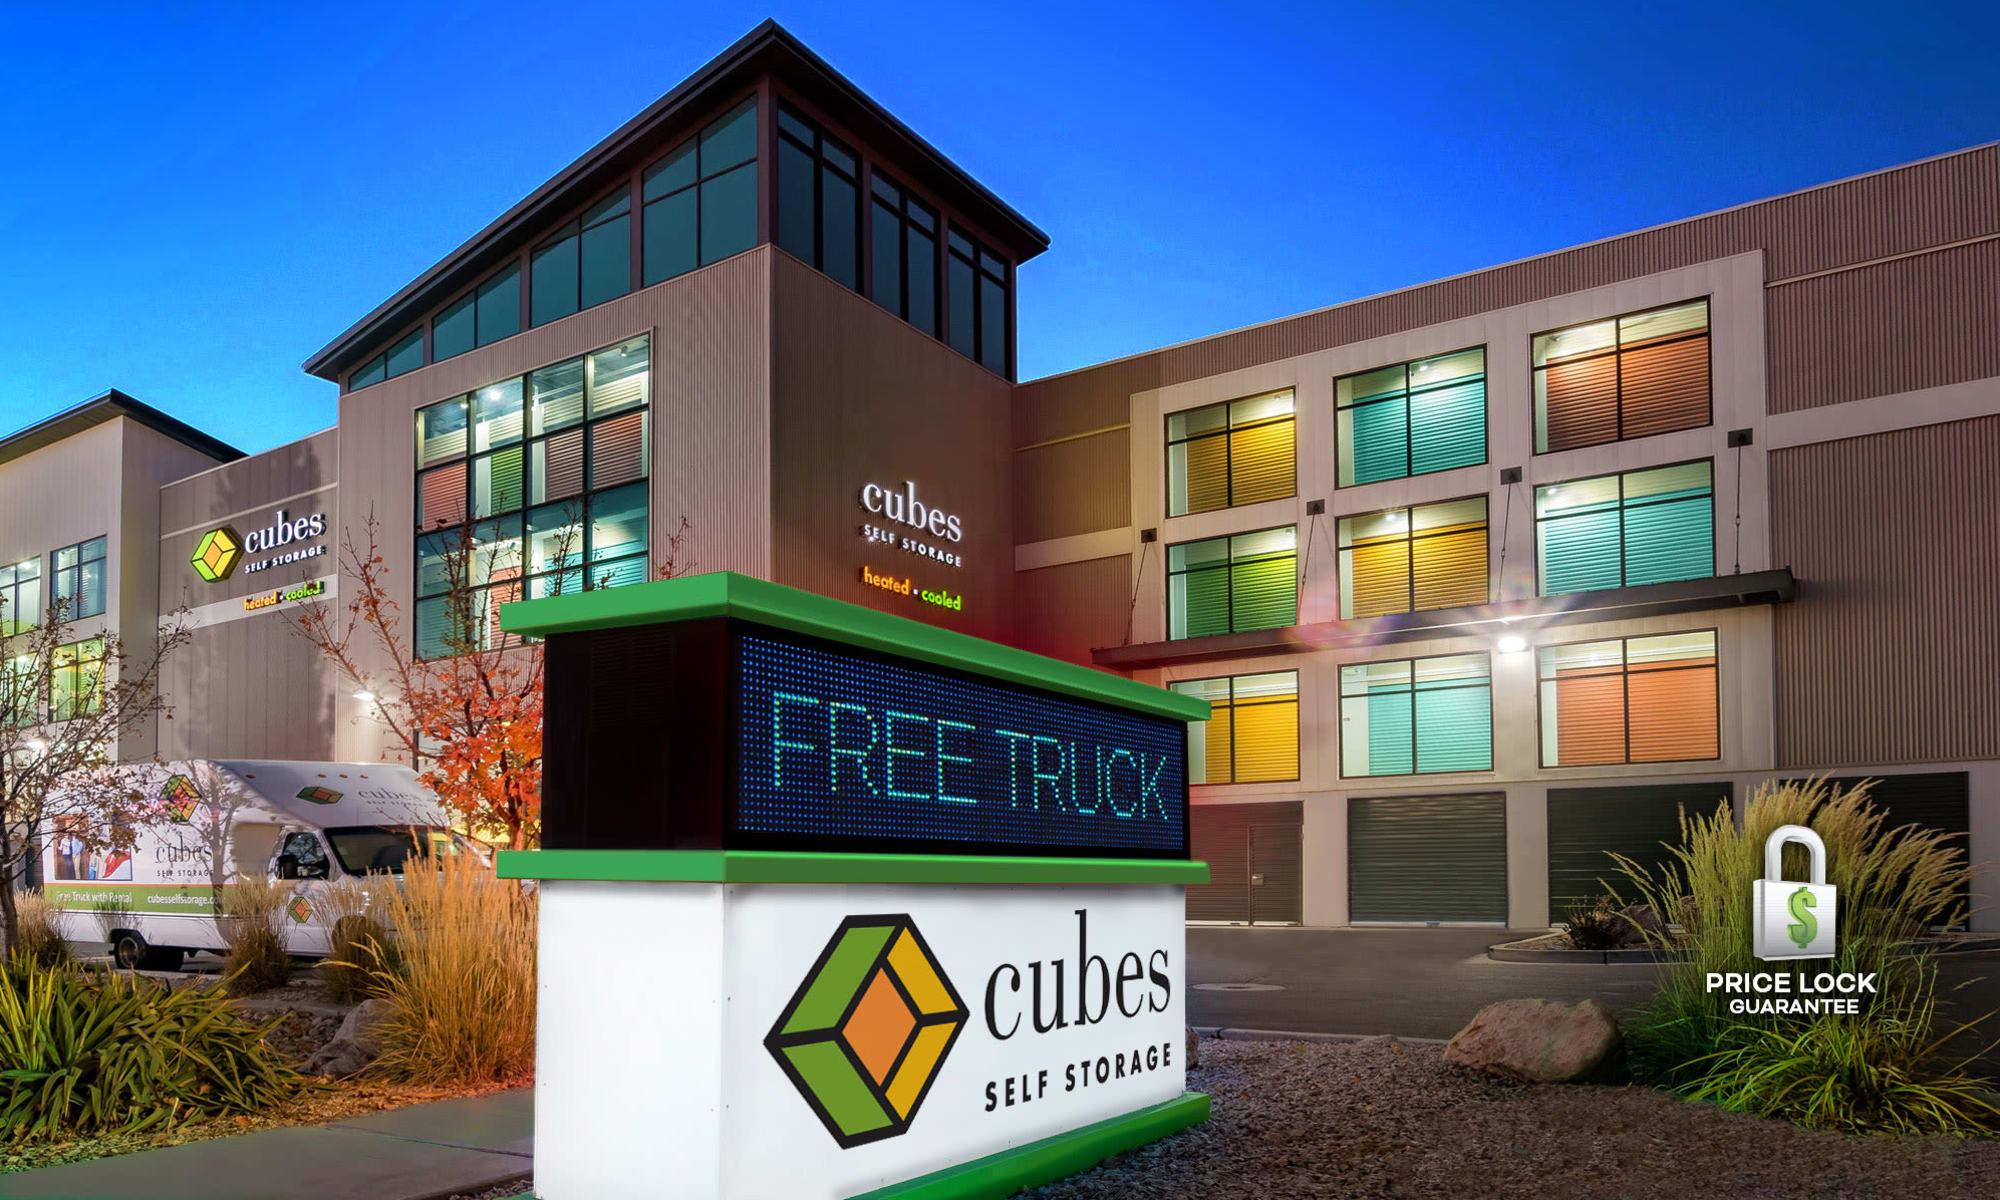 Self storage in Cubes Self Storage in Millcreek, Utah